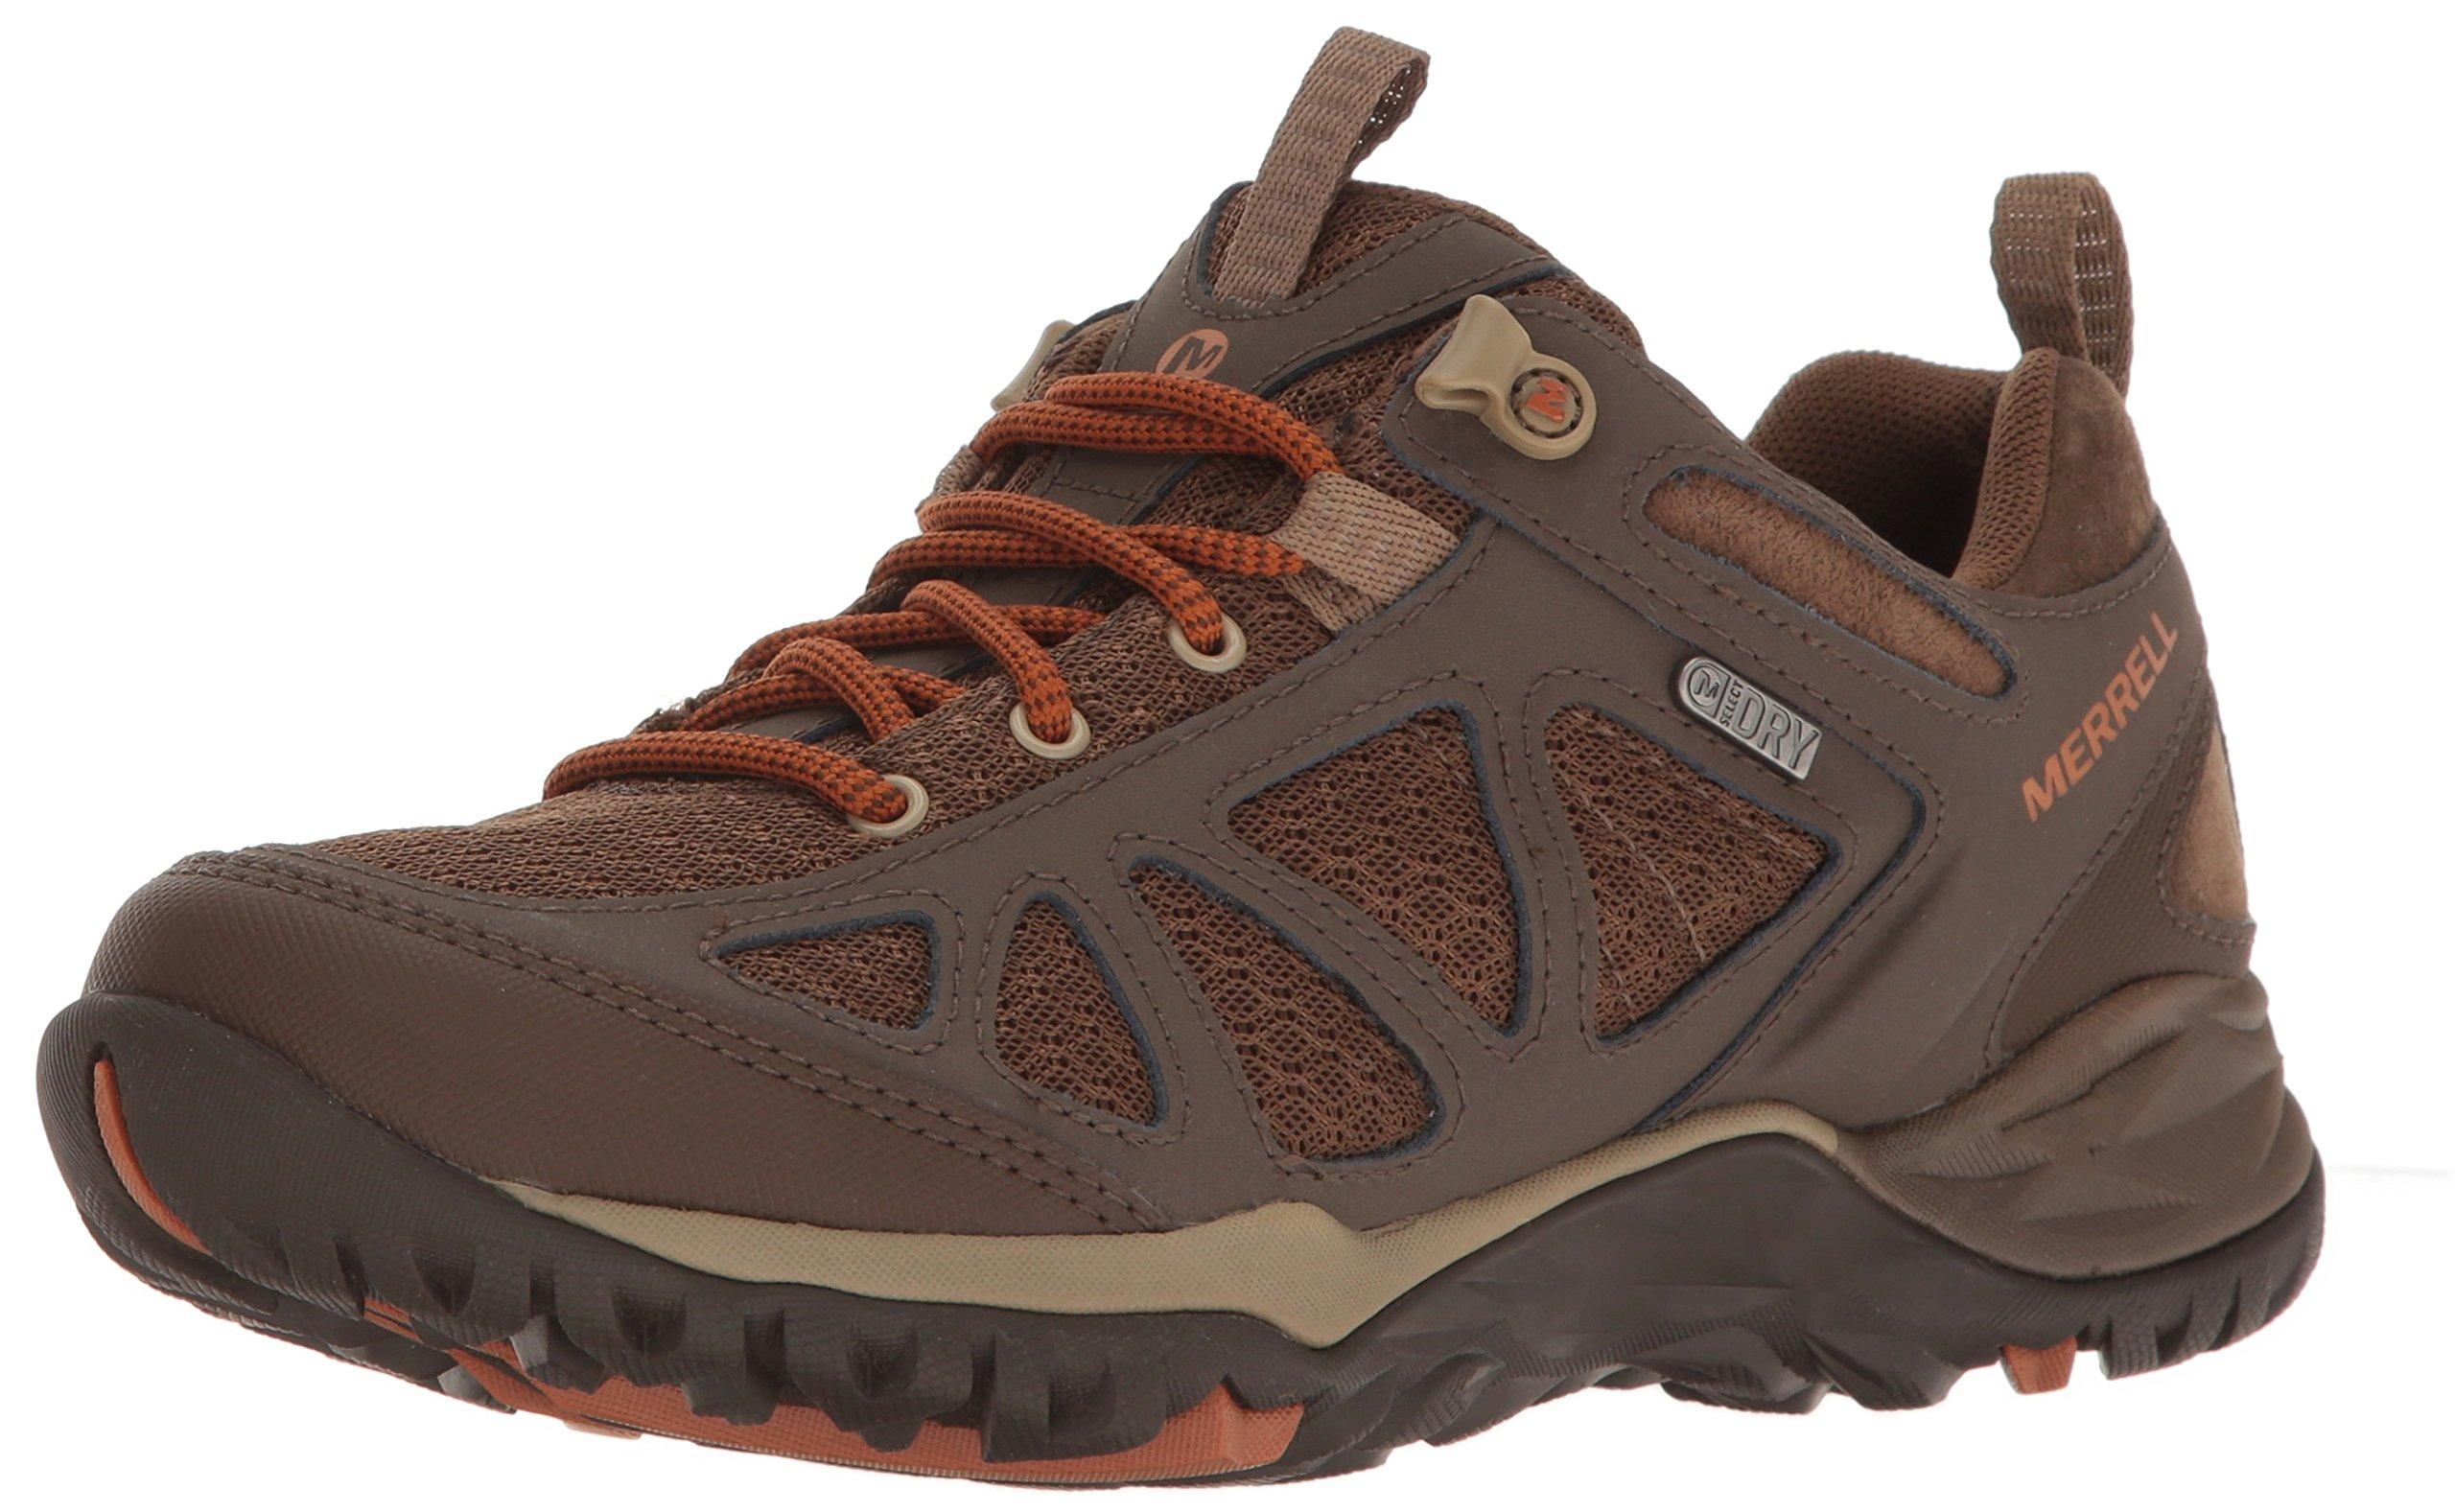 Merrell Women's Siren Sport Q2 Waterproof Hiking Shoe, Slate Black, 8 M US by Merrell